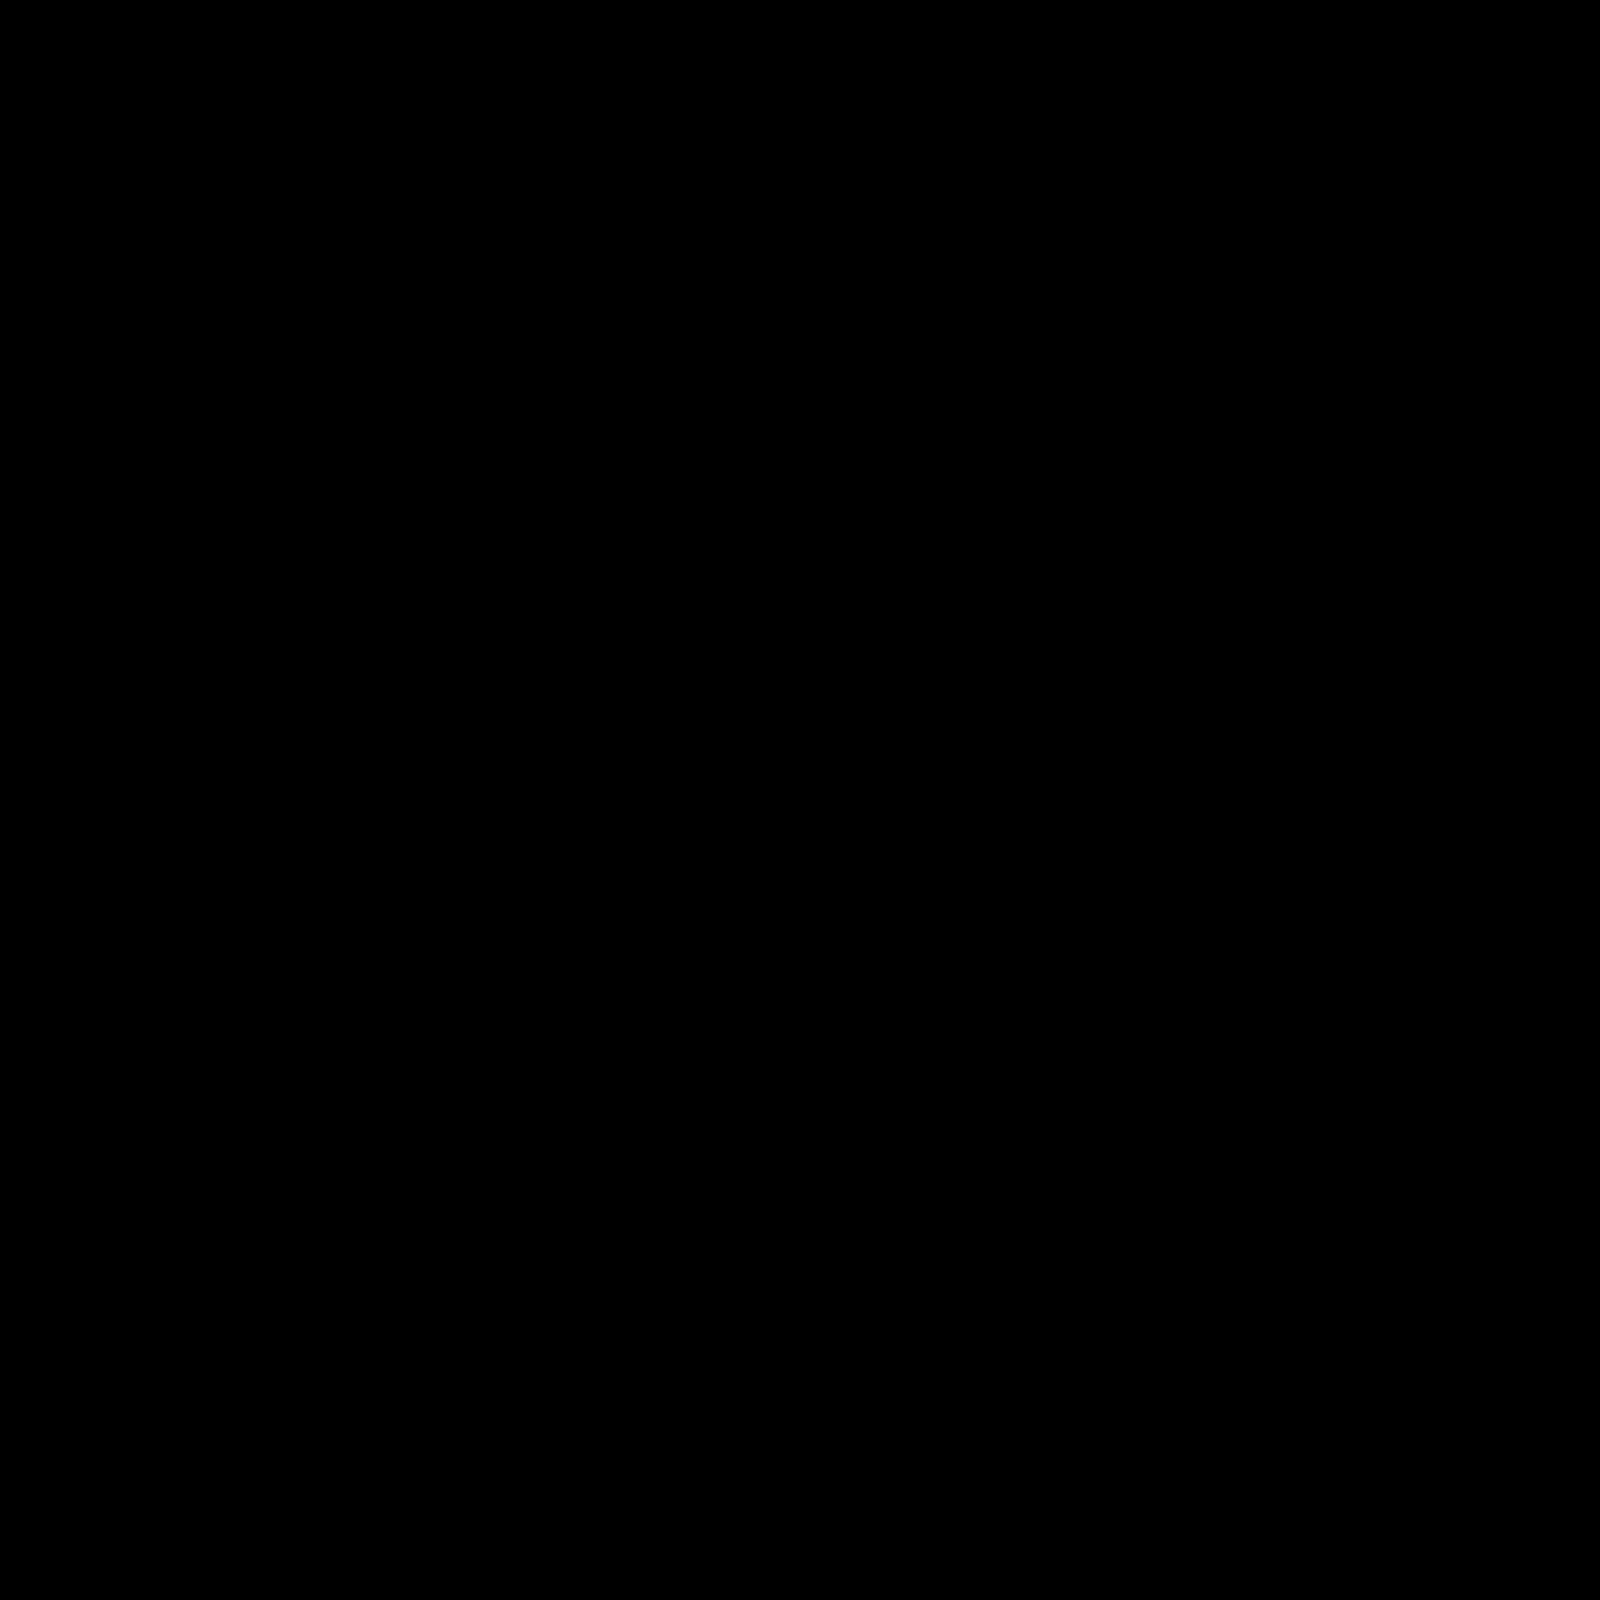 トランペット icon